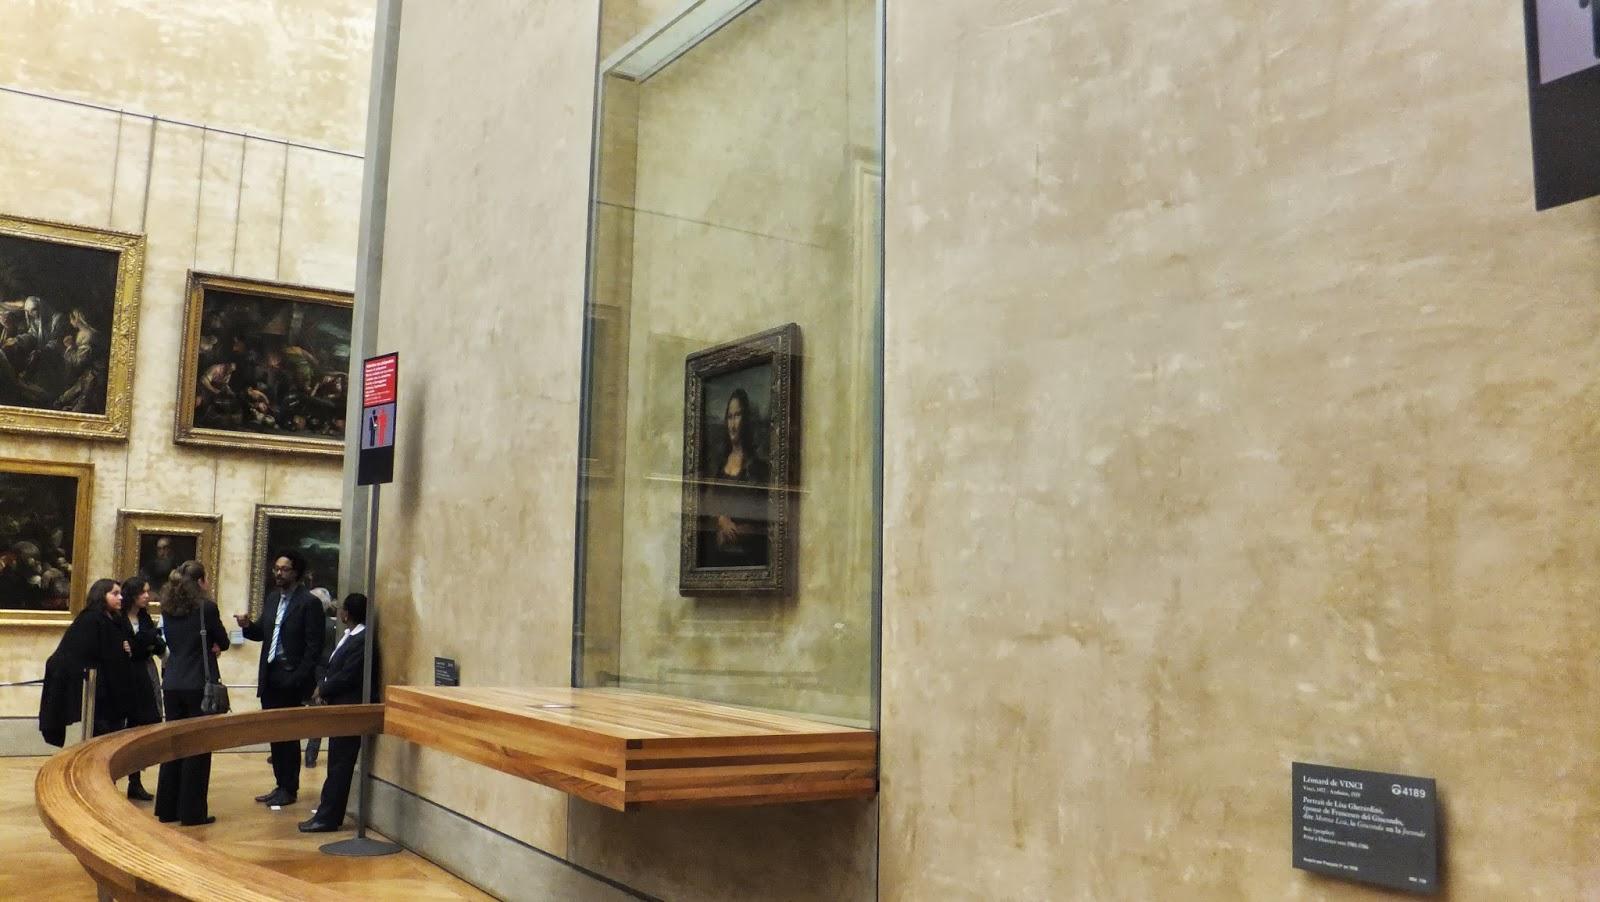 La Gioconda, Mona Lisa, Museo del Louvre, París, Elisa N, Blog de Viajes, Lifestyle, Travel